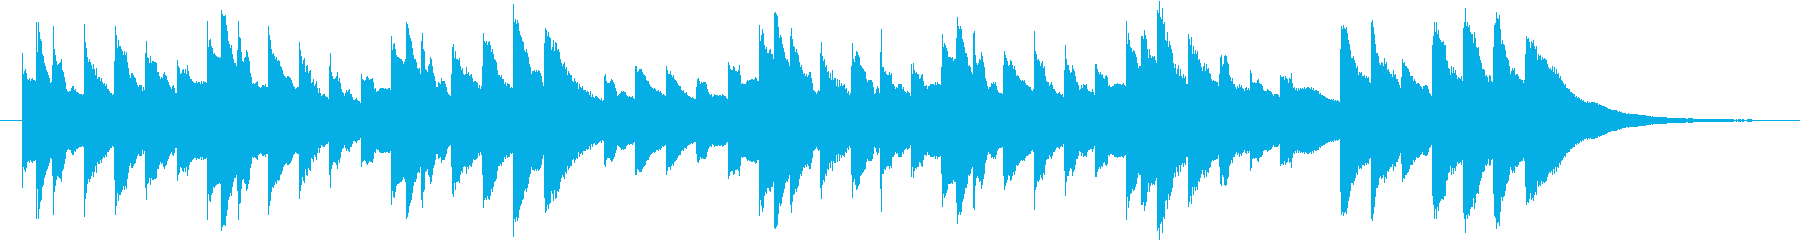 結婚式BGM_プレゼント02の再生済みの波形